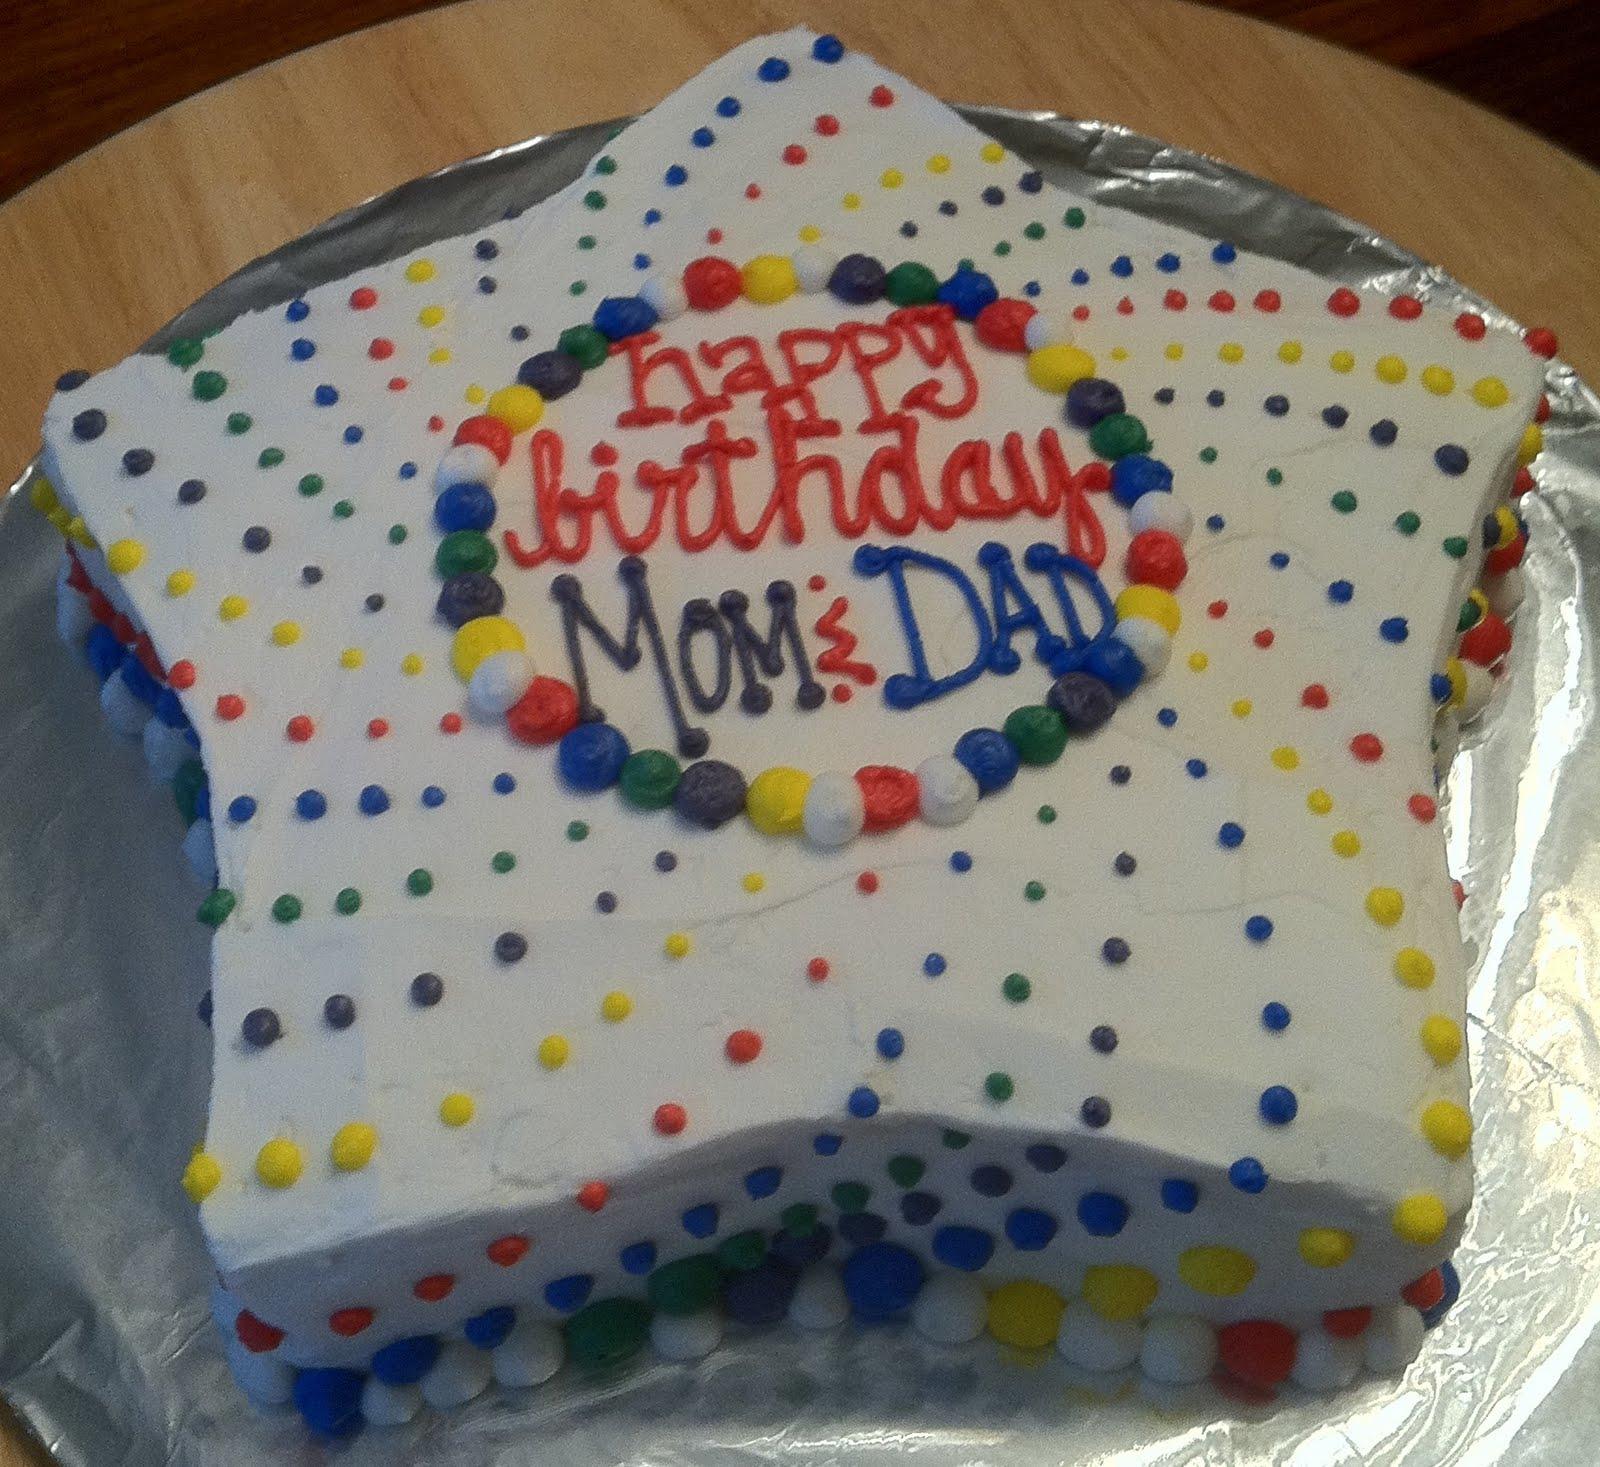 Happy Anniversary Mummy Papa Cake Images